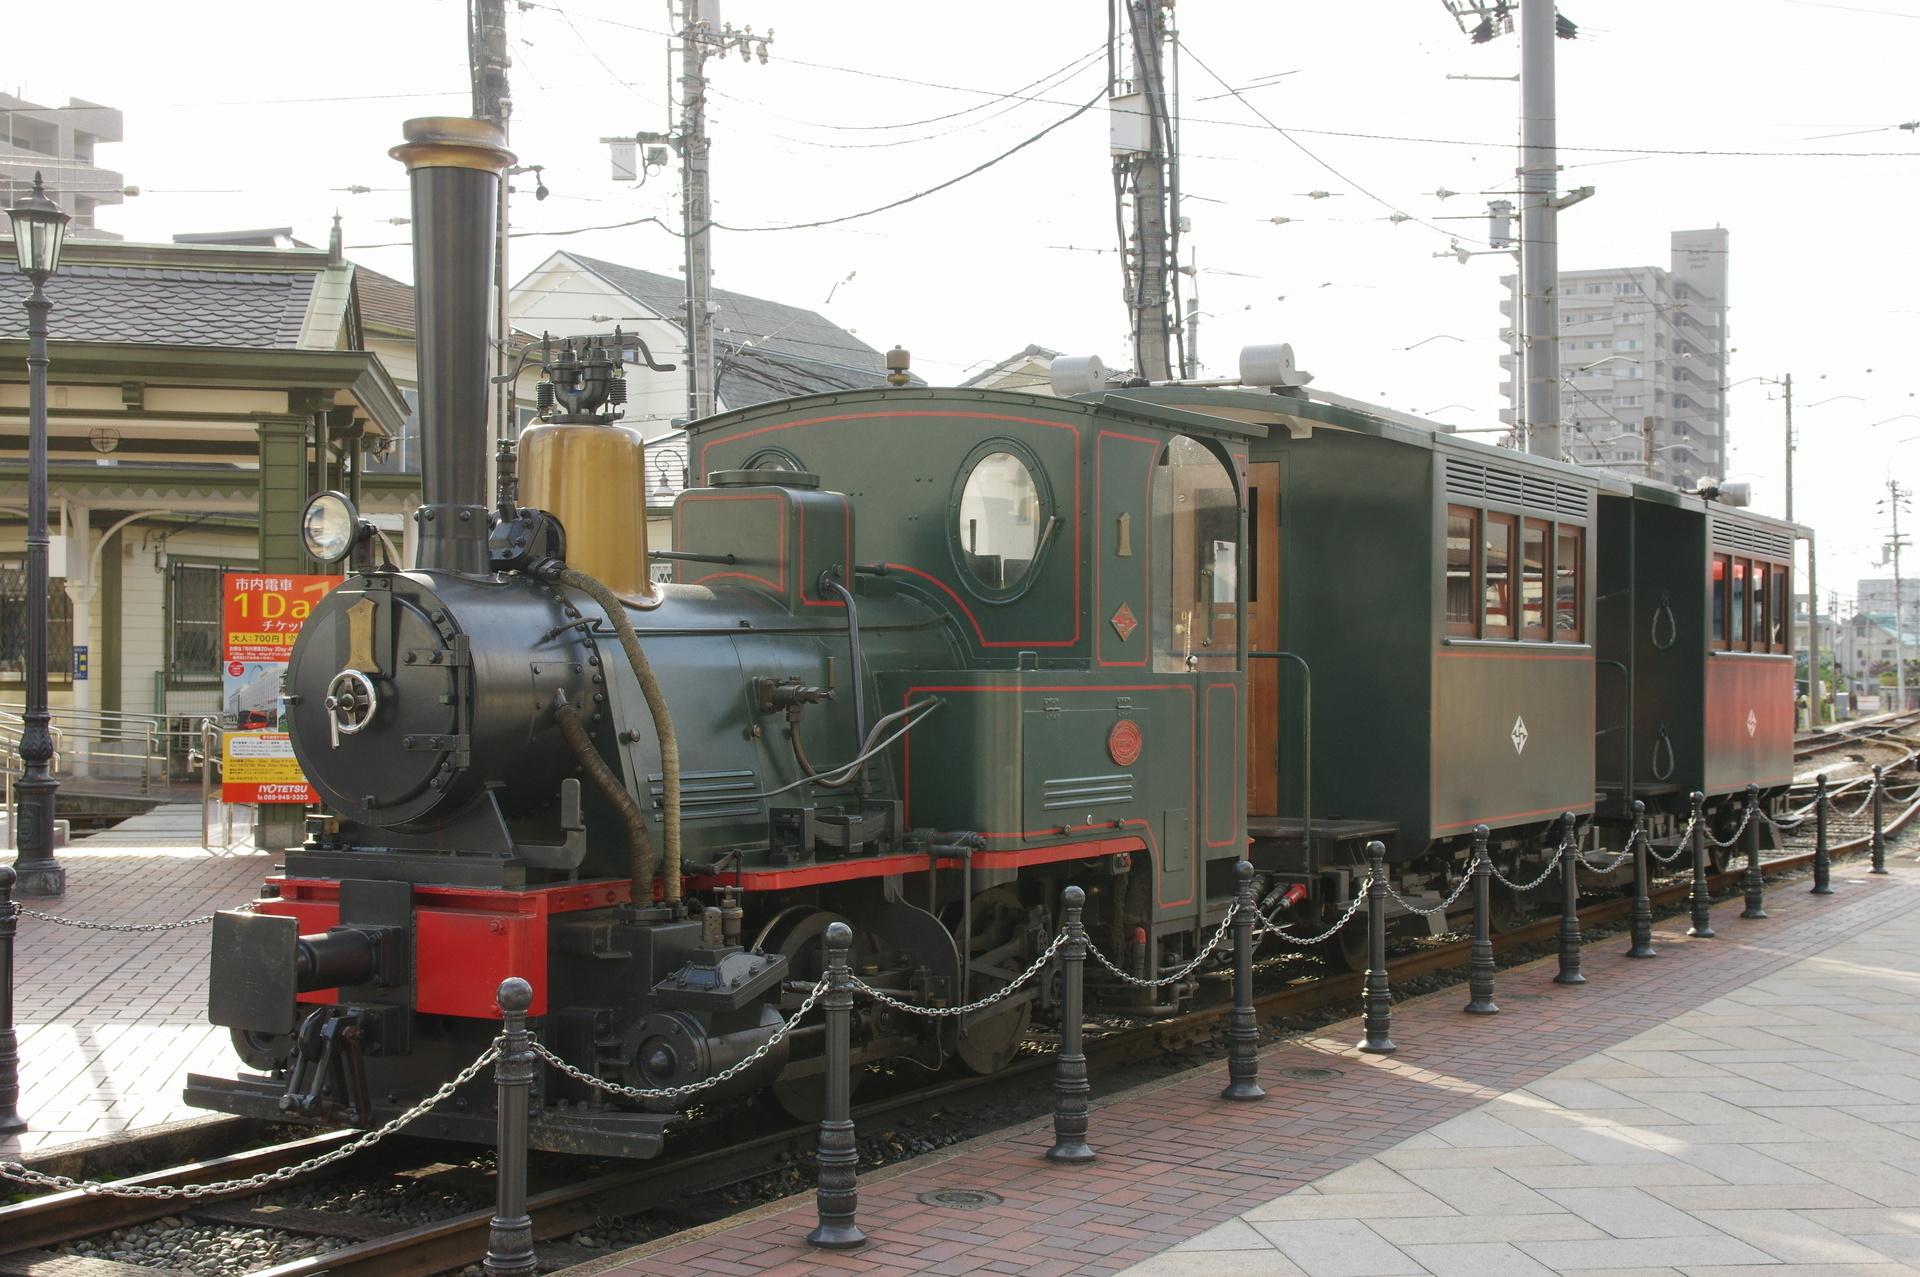 坊ちゃん列車(公式側)